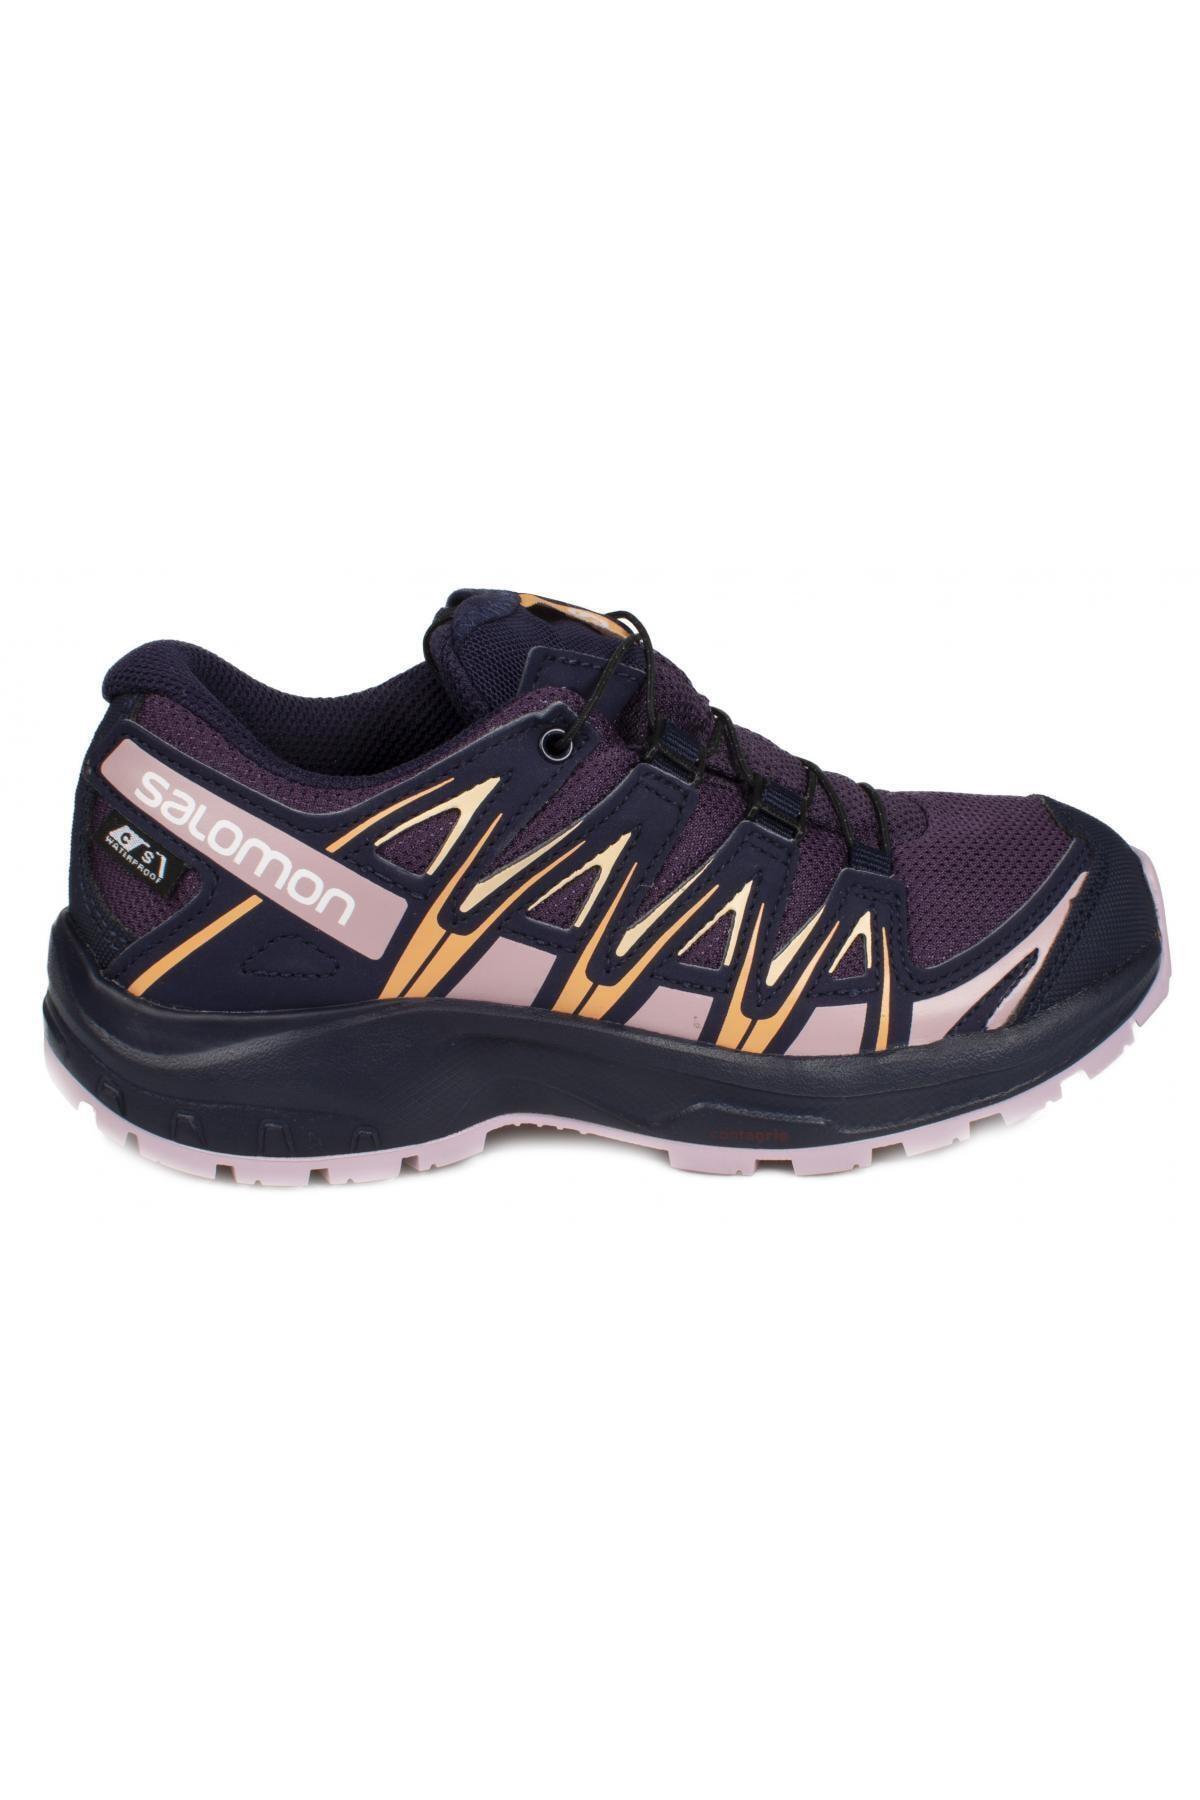 Salomon Unisex Mor Ayakkabı 2